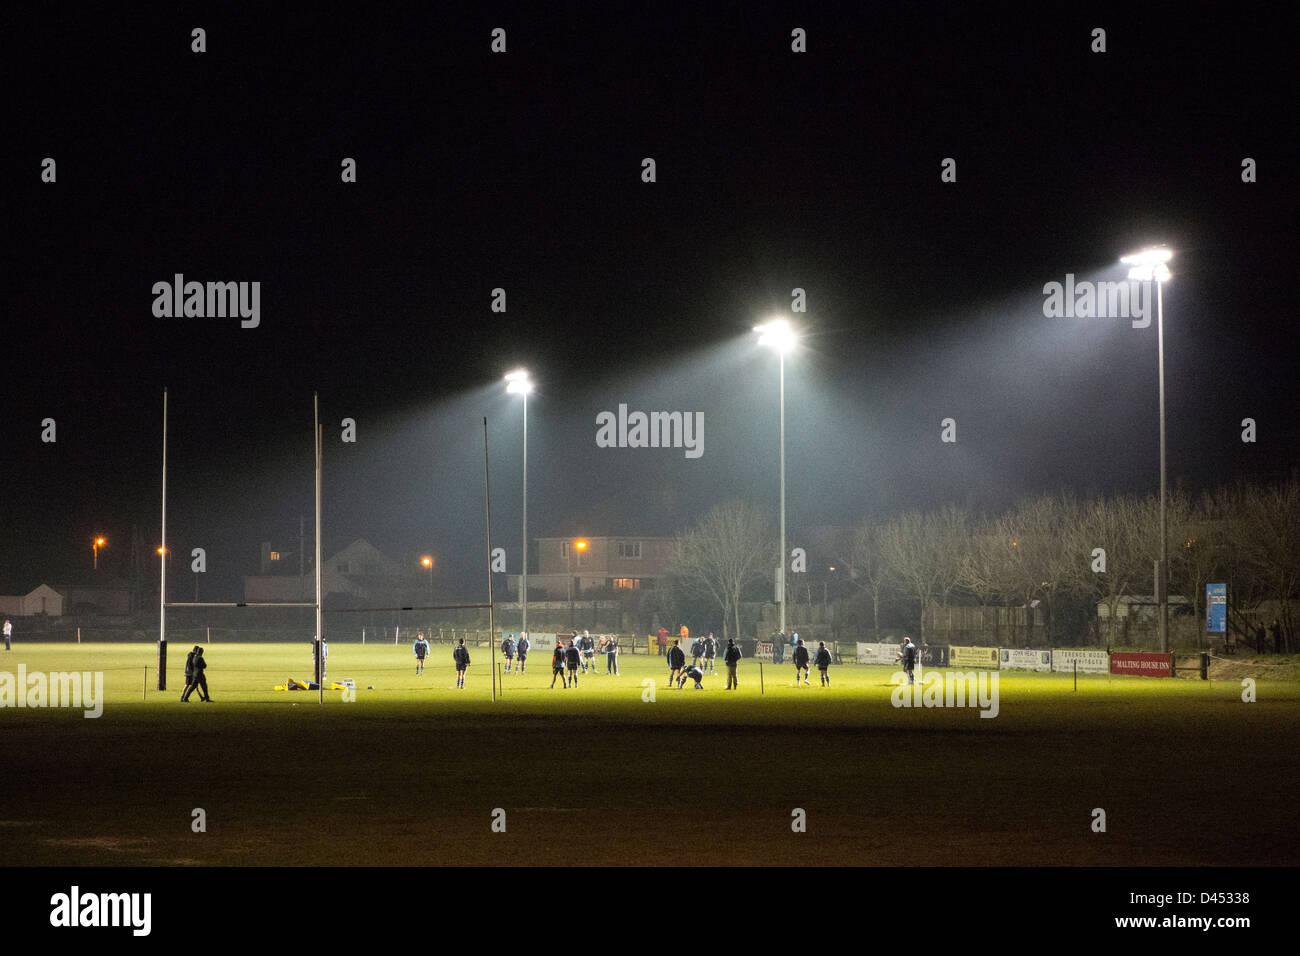 Des joueurs de rugby à exercer sur le terrain la nuit, illuminé par des projecteurs - près de Dublin, Photo Stock